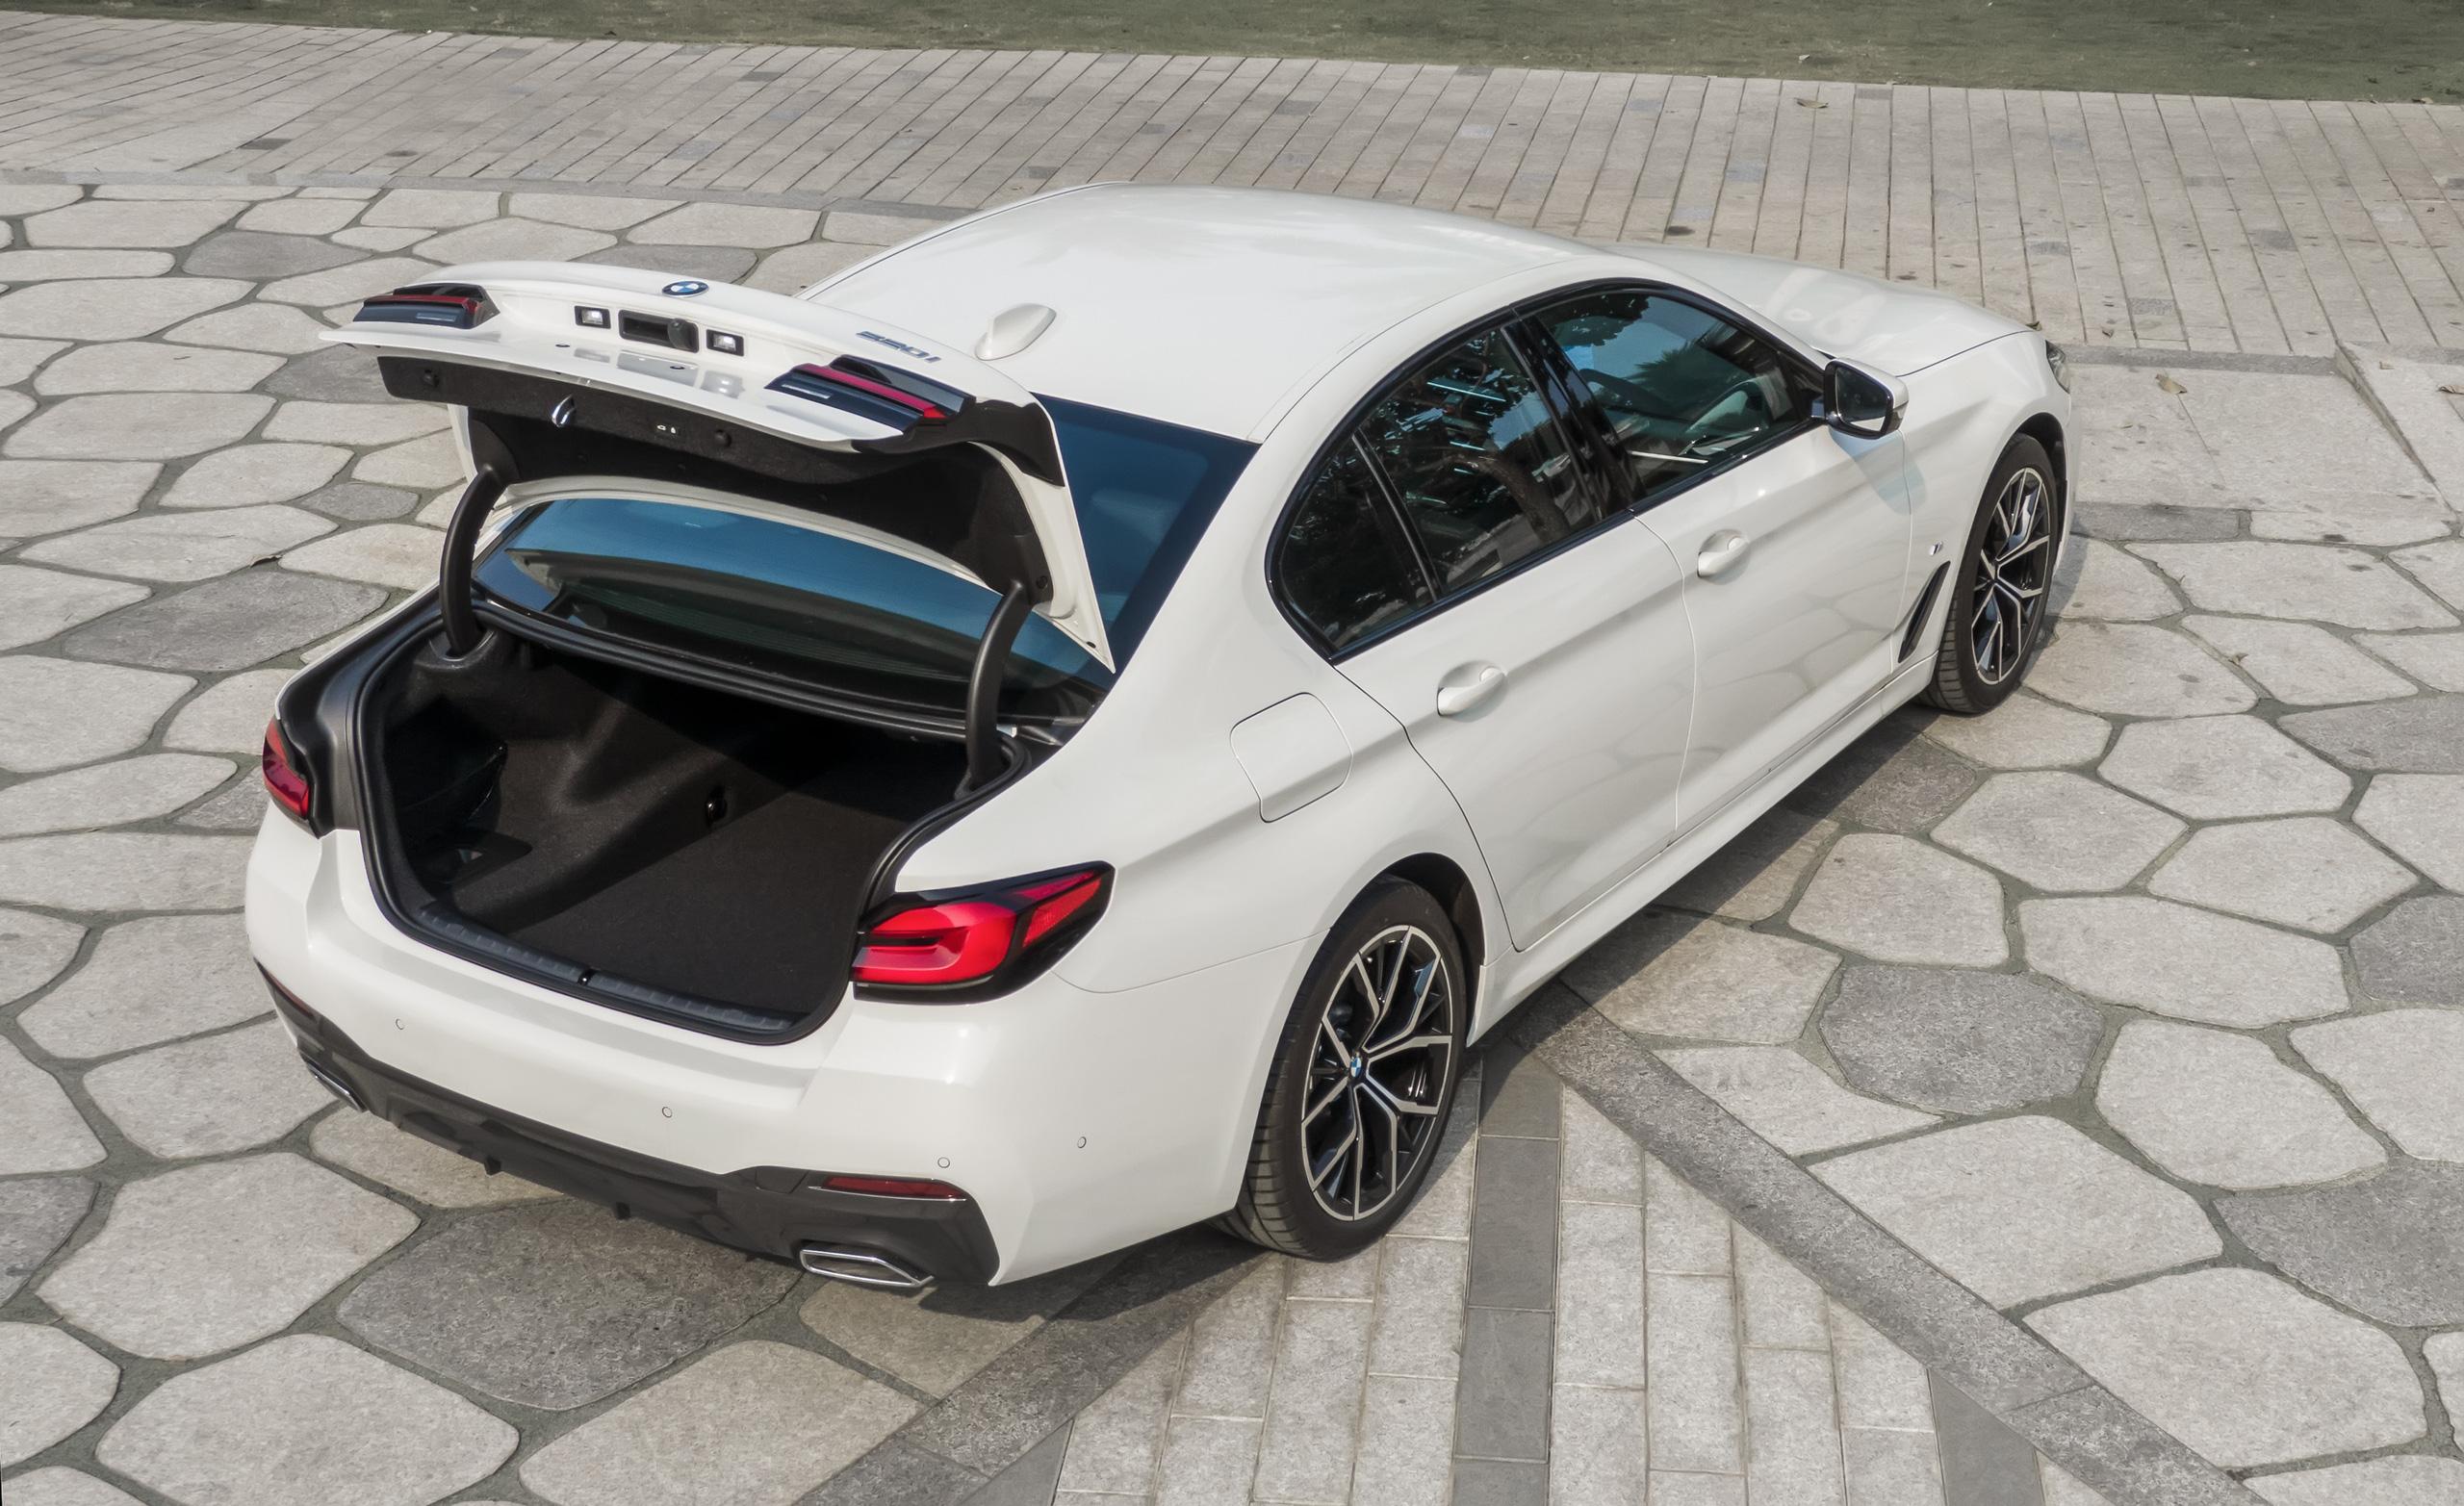 BMW 5 Series 2021 về Việt Nam: Giá từ 2,5 tỷ đồng, đối đầu Mercedes-Benz E-Class - Ảnh 3.